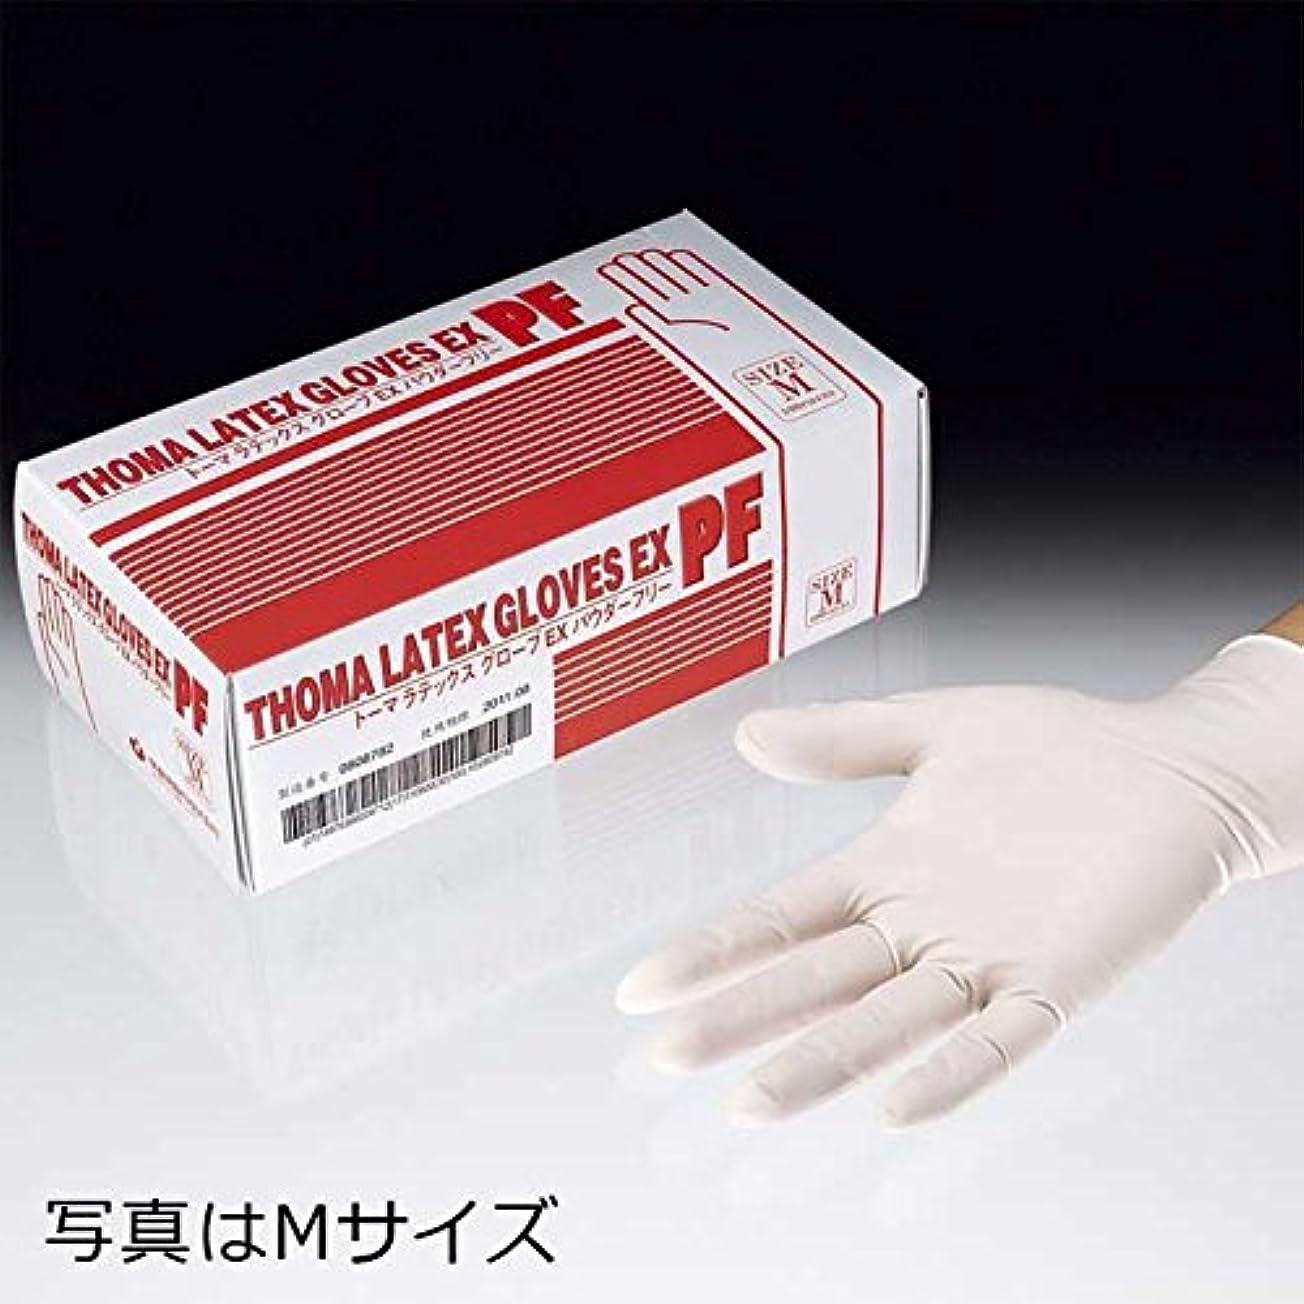 ムスタチオリットルが欲しいトーマラテックス手袋EX PF 天然ゴム 使い捨て手袋 粉なし2000枚 (100枚入り20箱) (SS)